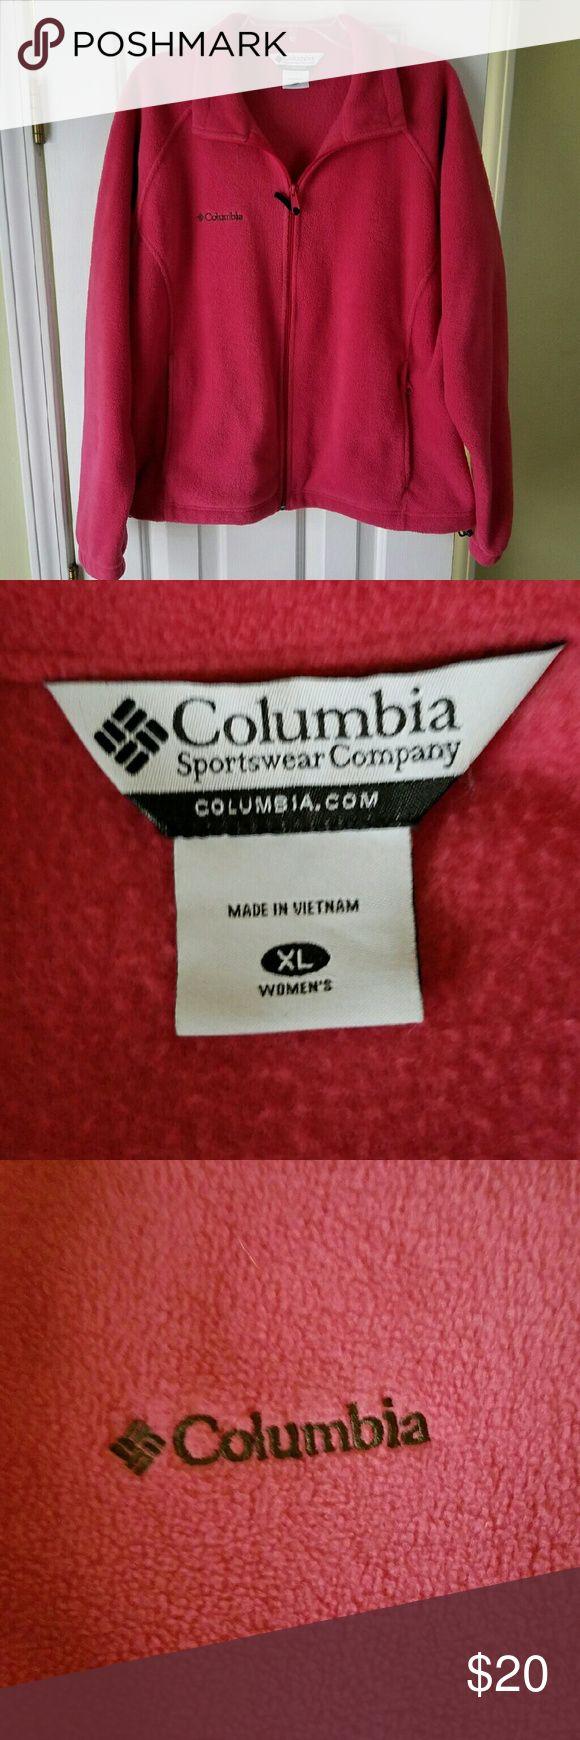 Columbia jacket Columbia jacket pink only worn twice. Columbia Jackets & Coats